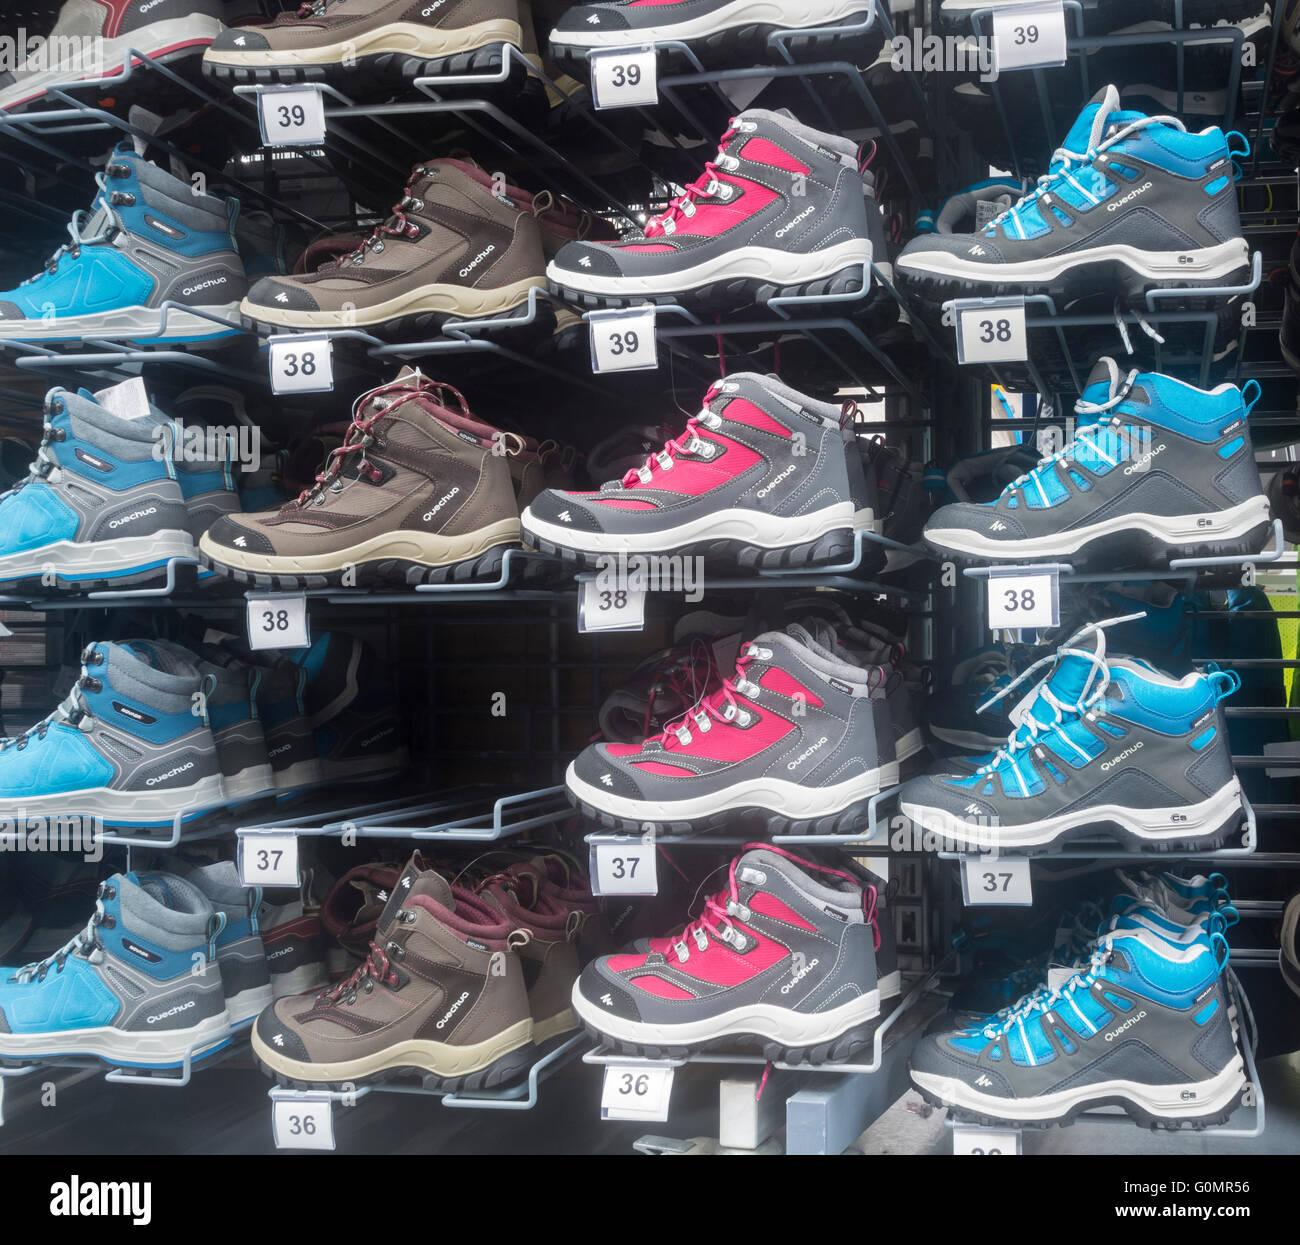 1c6cef094717 Chaussures de marque Quechua Decathlon en magasin. 'Est' Quechua  Decathlon's propre montagne/outdoor vêtements et chaussures de marque.